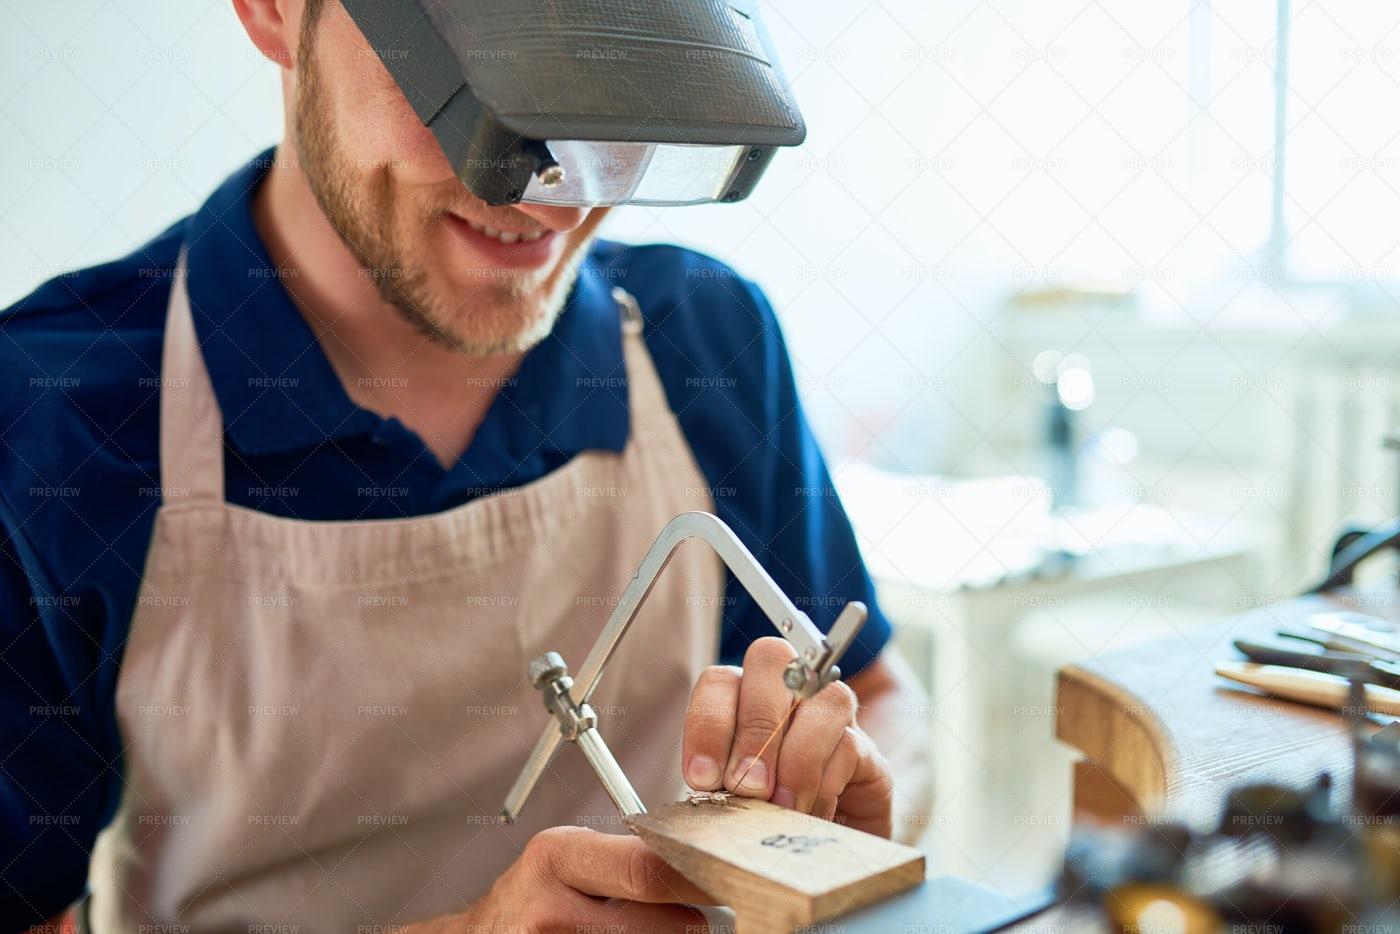 Smiling Craftsman Making Rings In...: Stock Photos